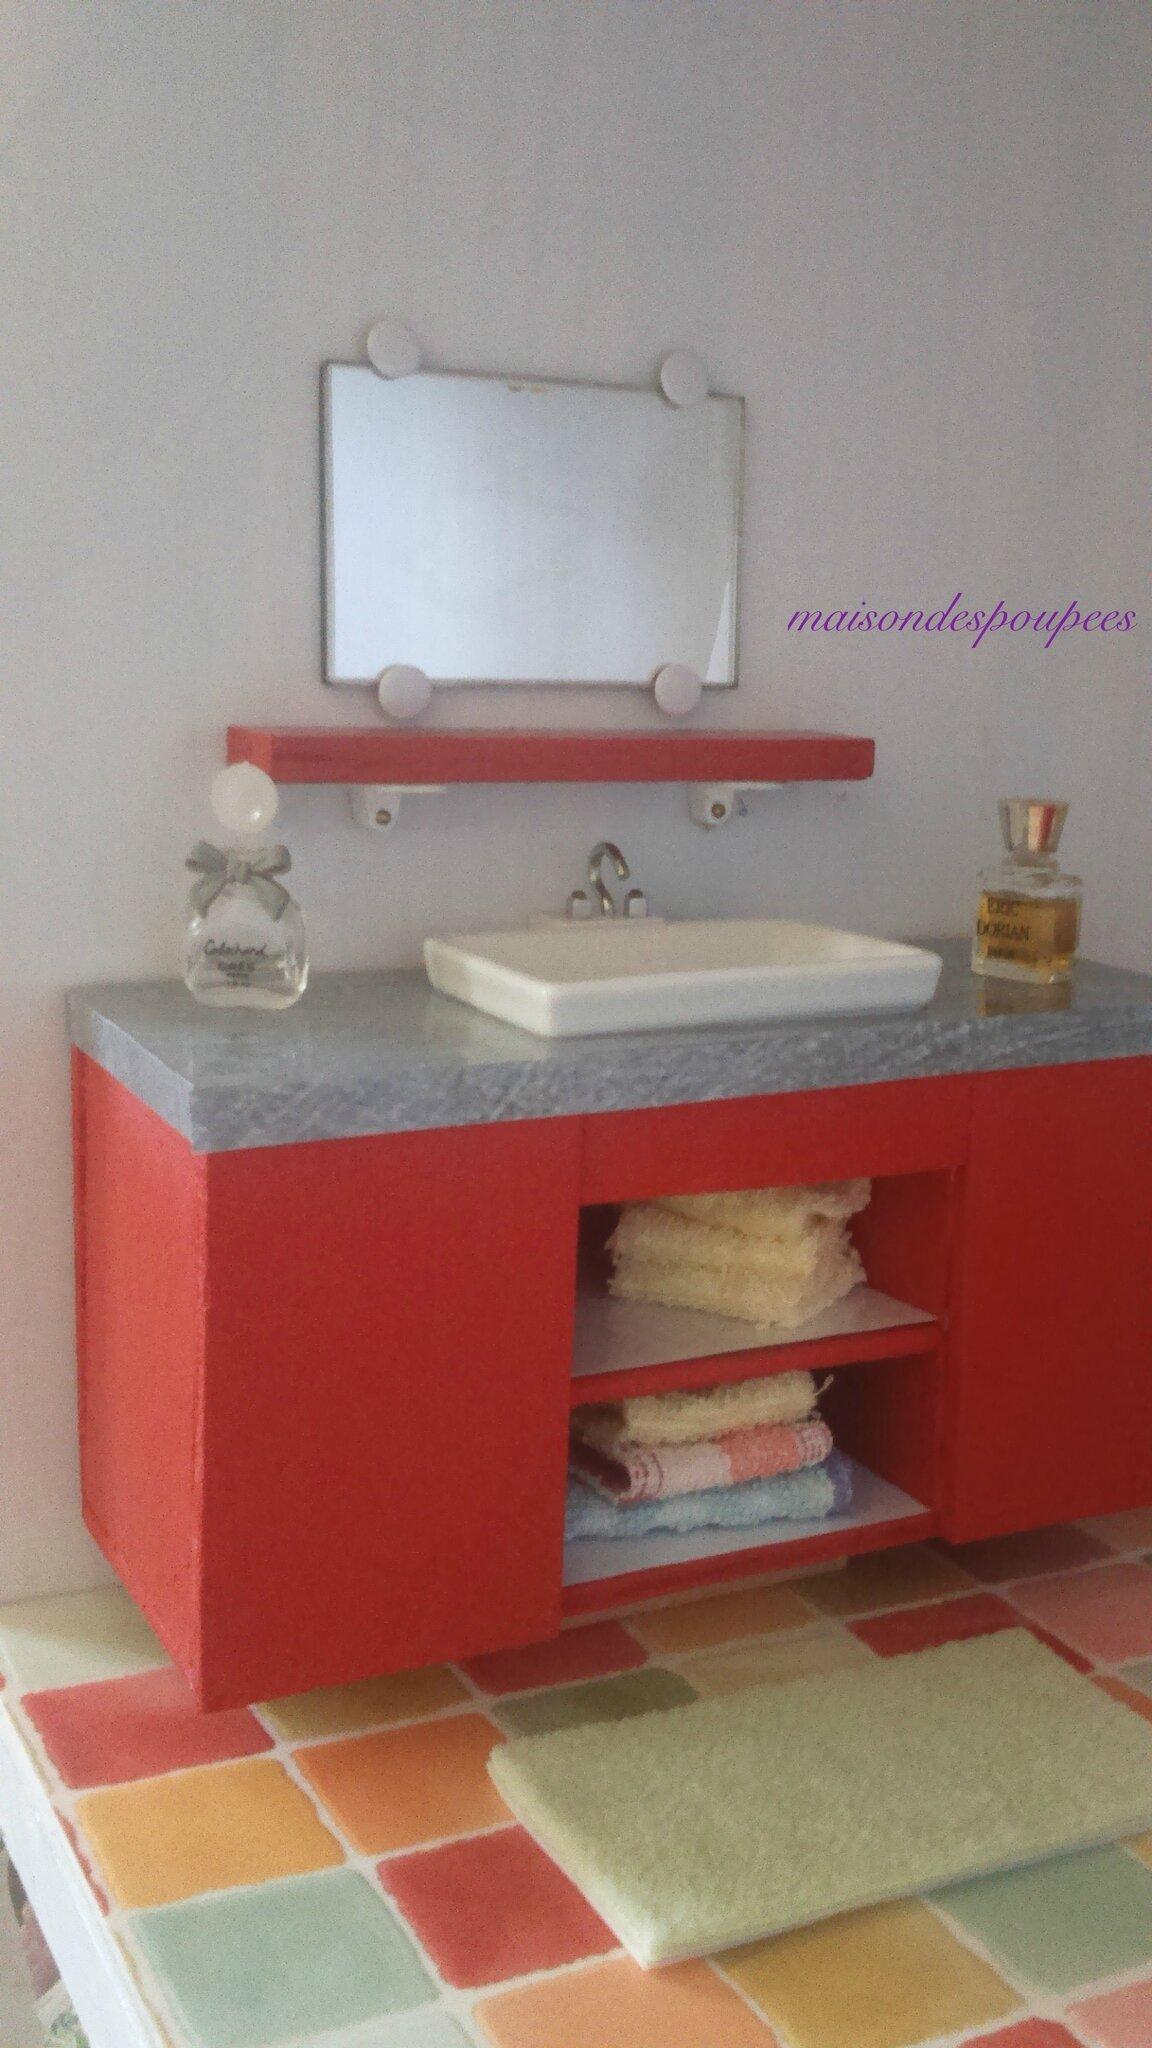 La salle de bains des barbie la maison des poup es - Fabriquer pare baignoire ...